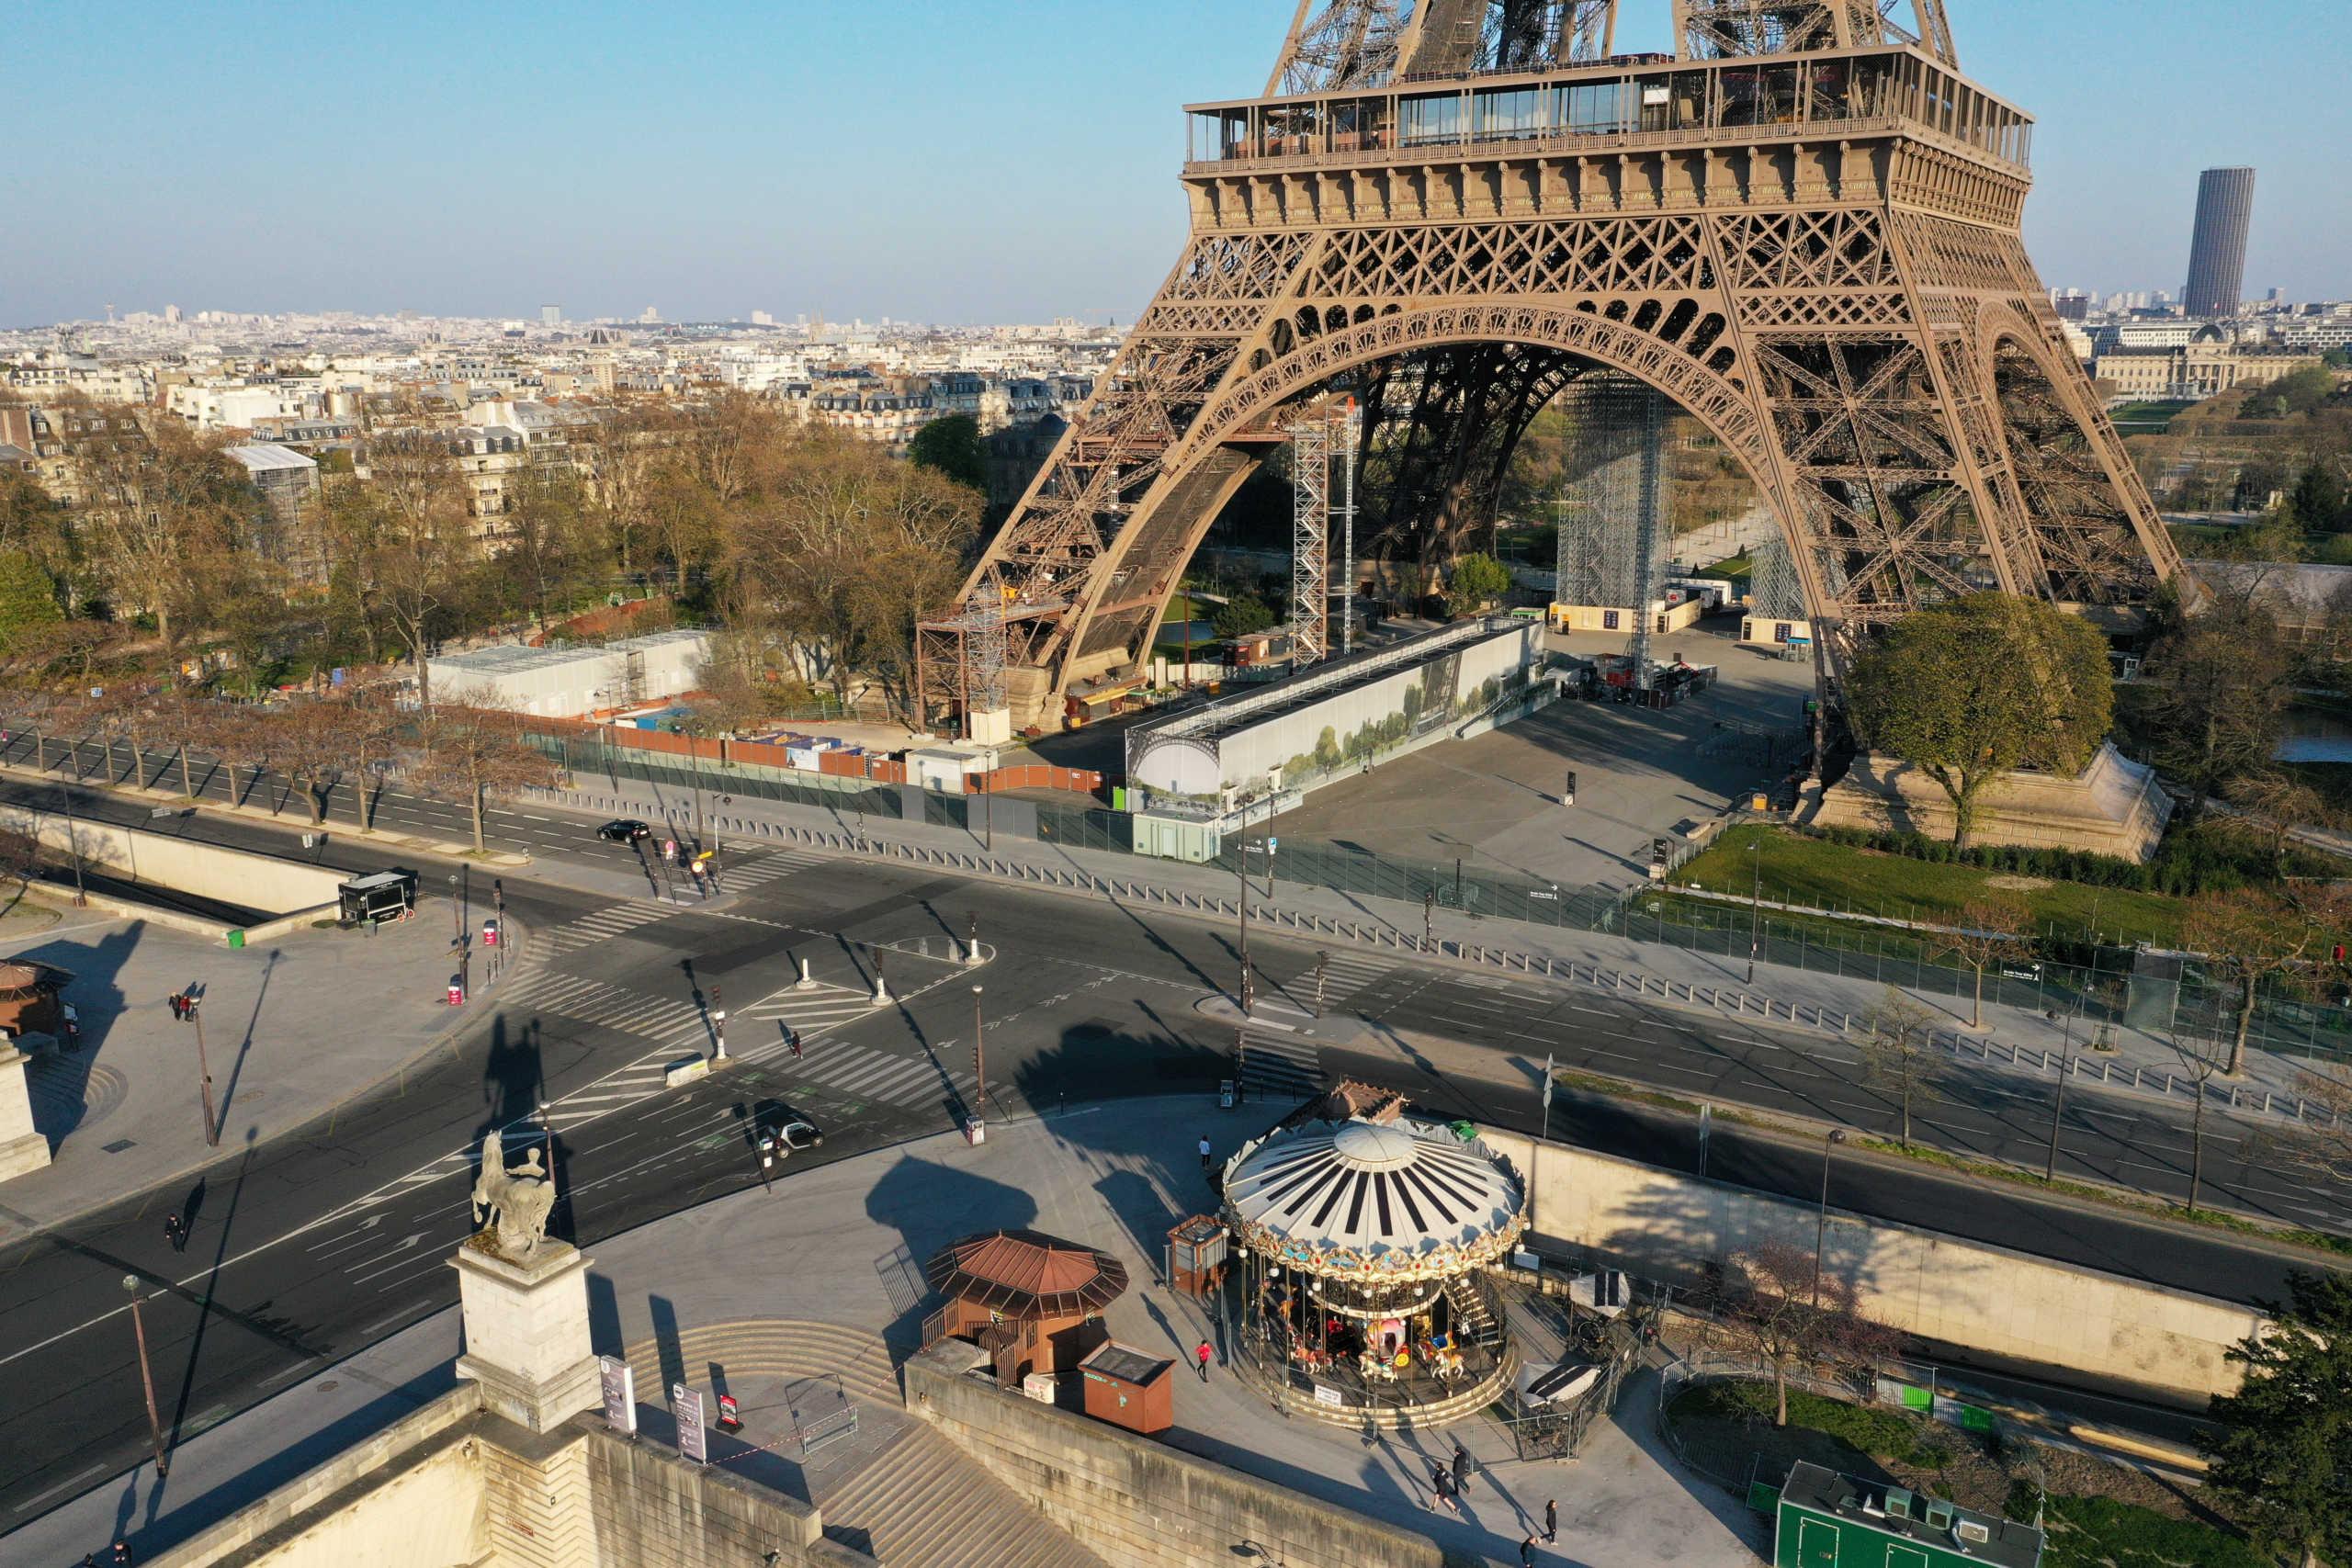 Γαλλία: Τέλος στην παρακολούθηση των πολιτών μέσω drone για τον κορονοϊό βάζει το ΣτΕ